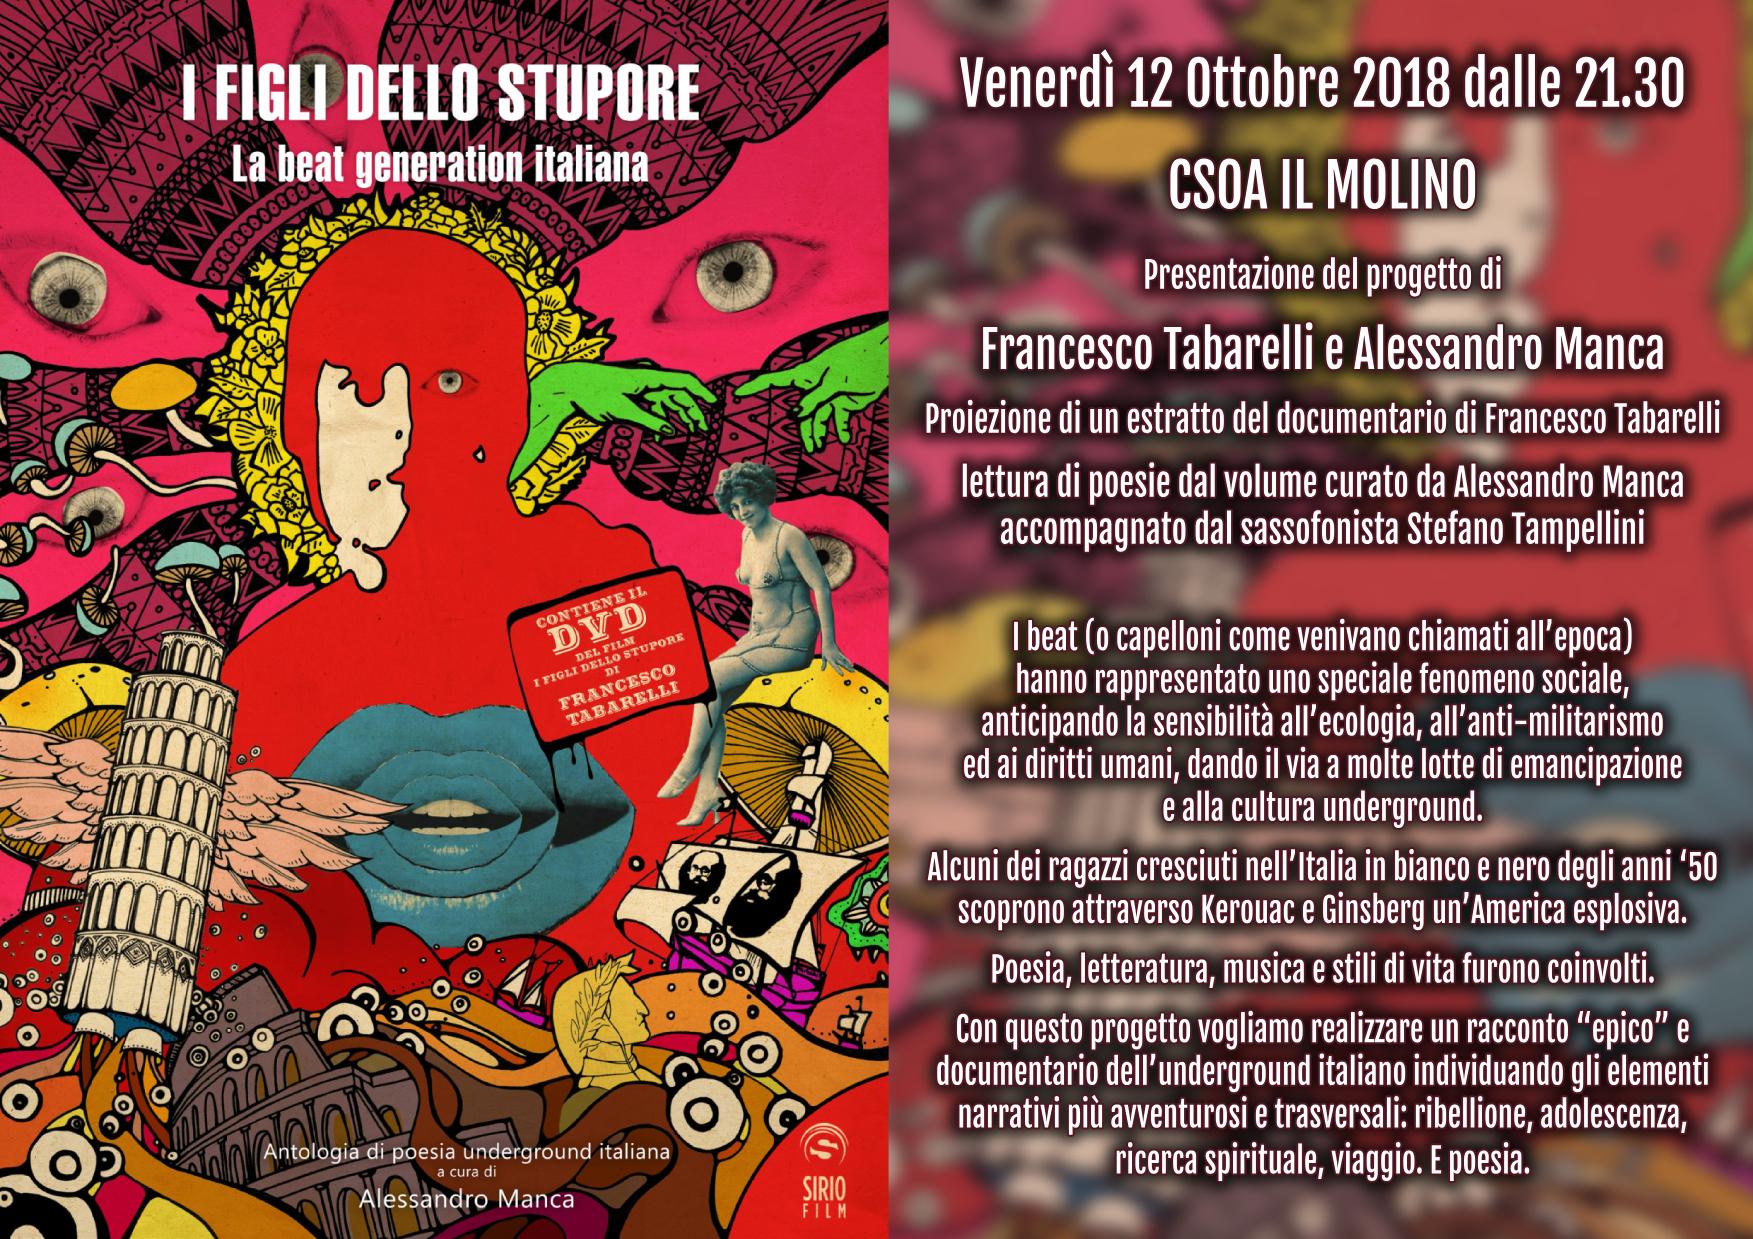 12.10.2018 - I Figli dello Stupore, La Beat Generation Italiana 1